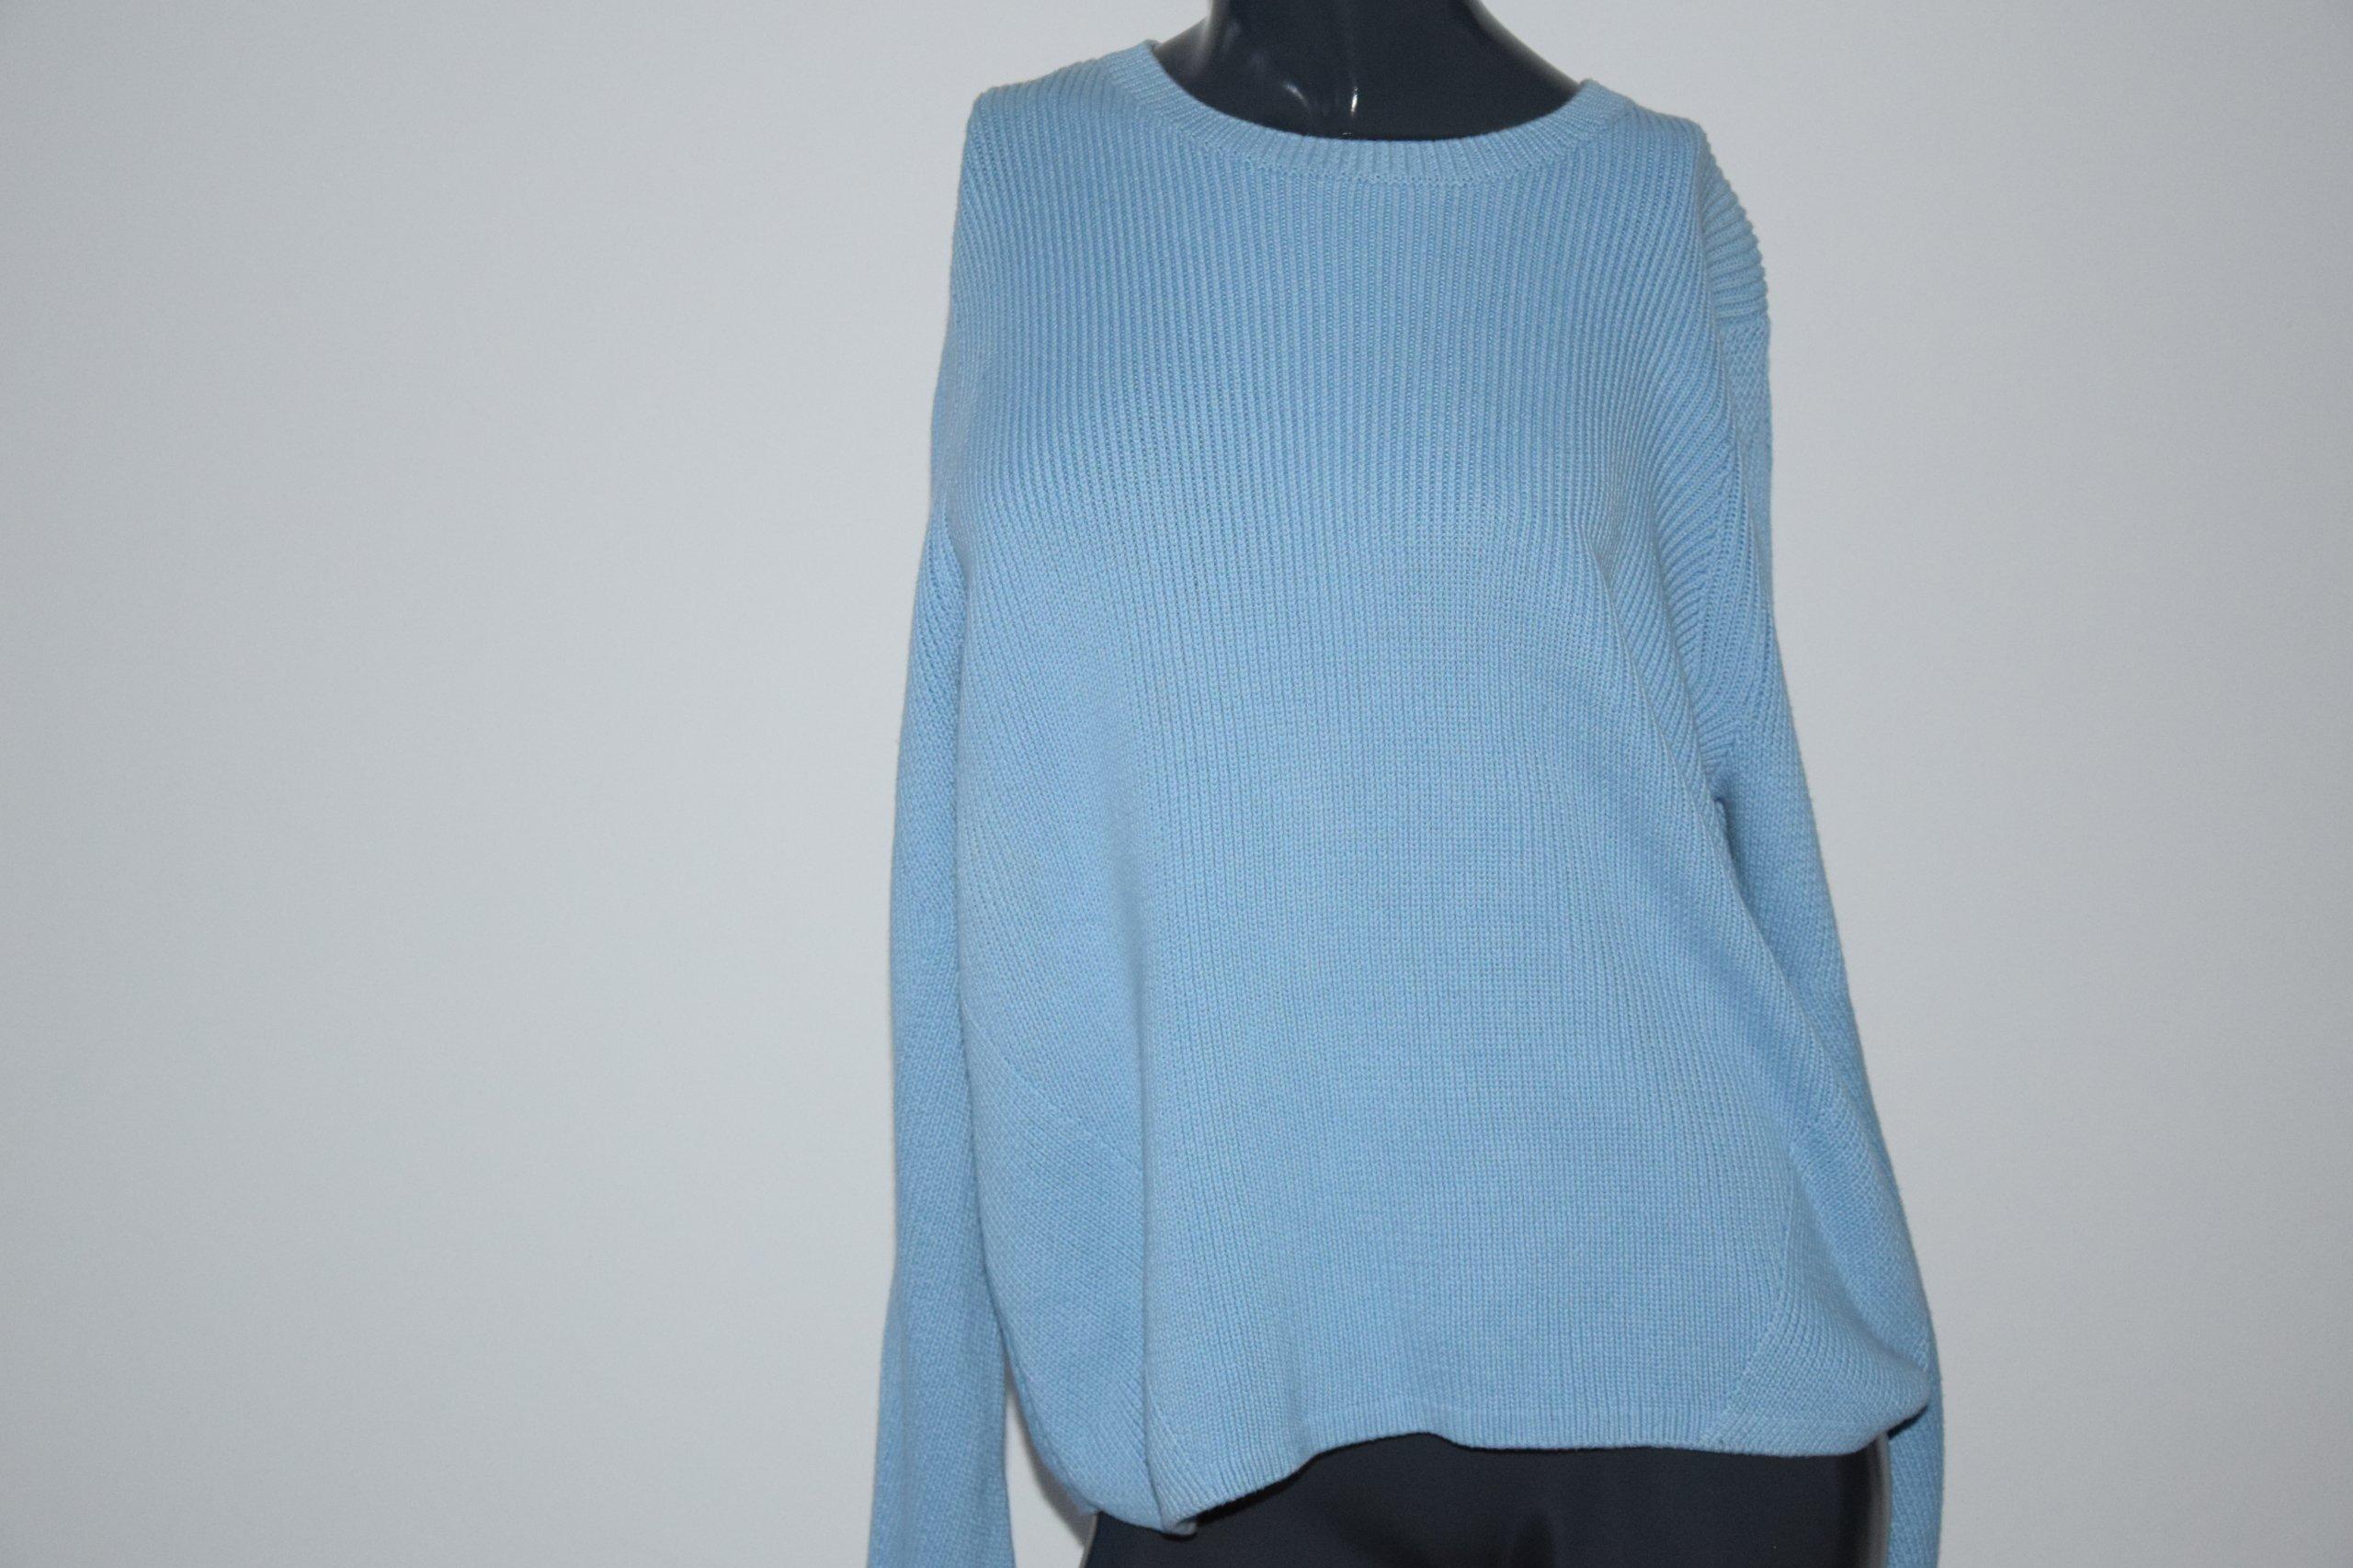 cos niebieski sweter bawełna M/38